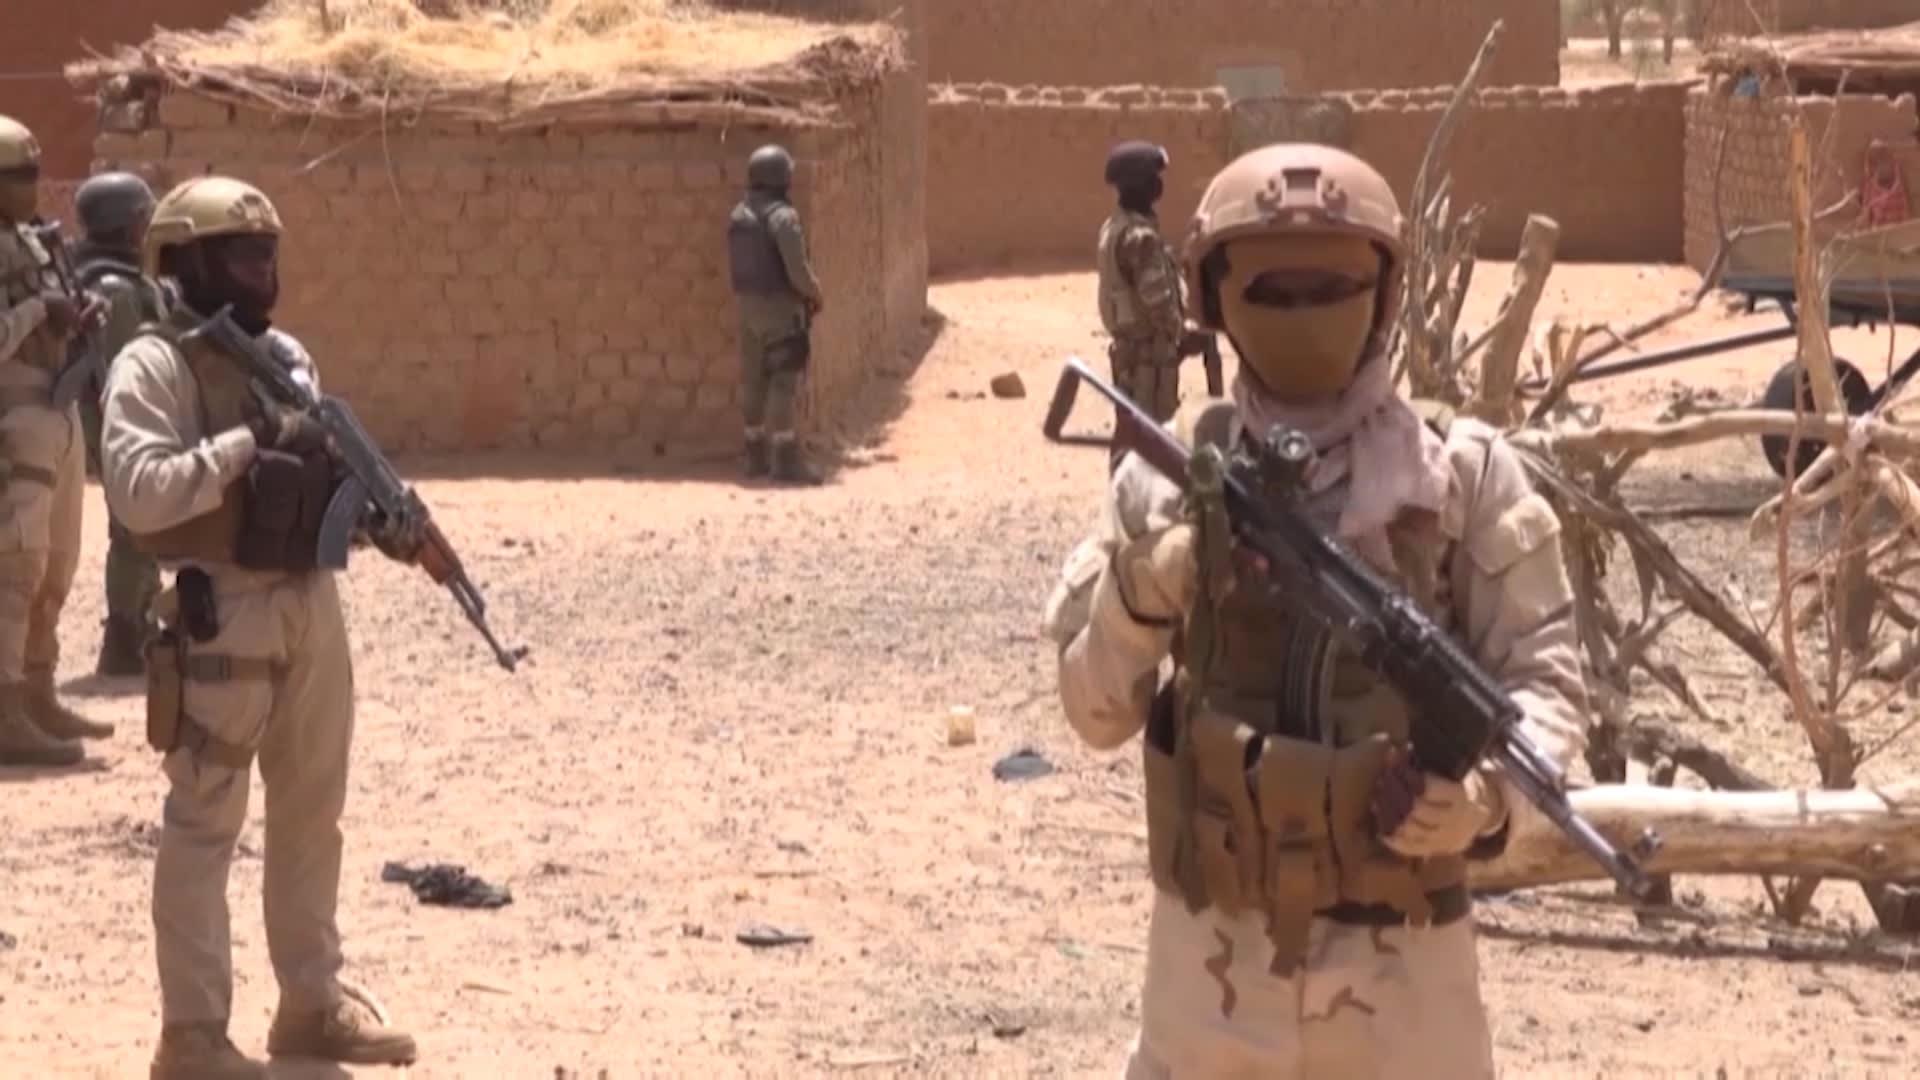 بعد محاولة اغتياله واستمرار انعدام الأمن بمنطقة الساحل.. رئيس النيجر يتحدث لـ CNN